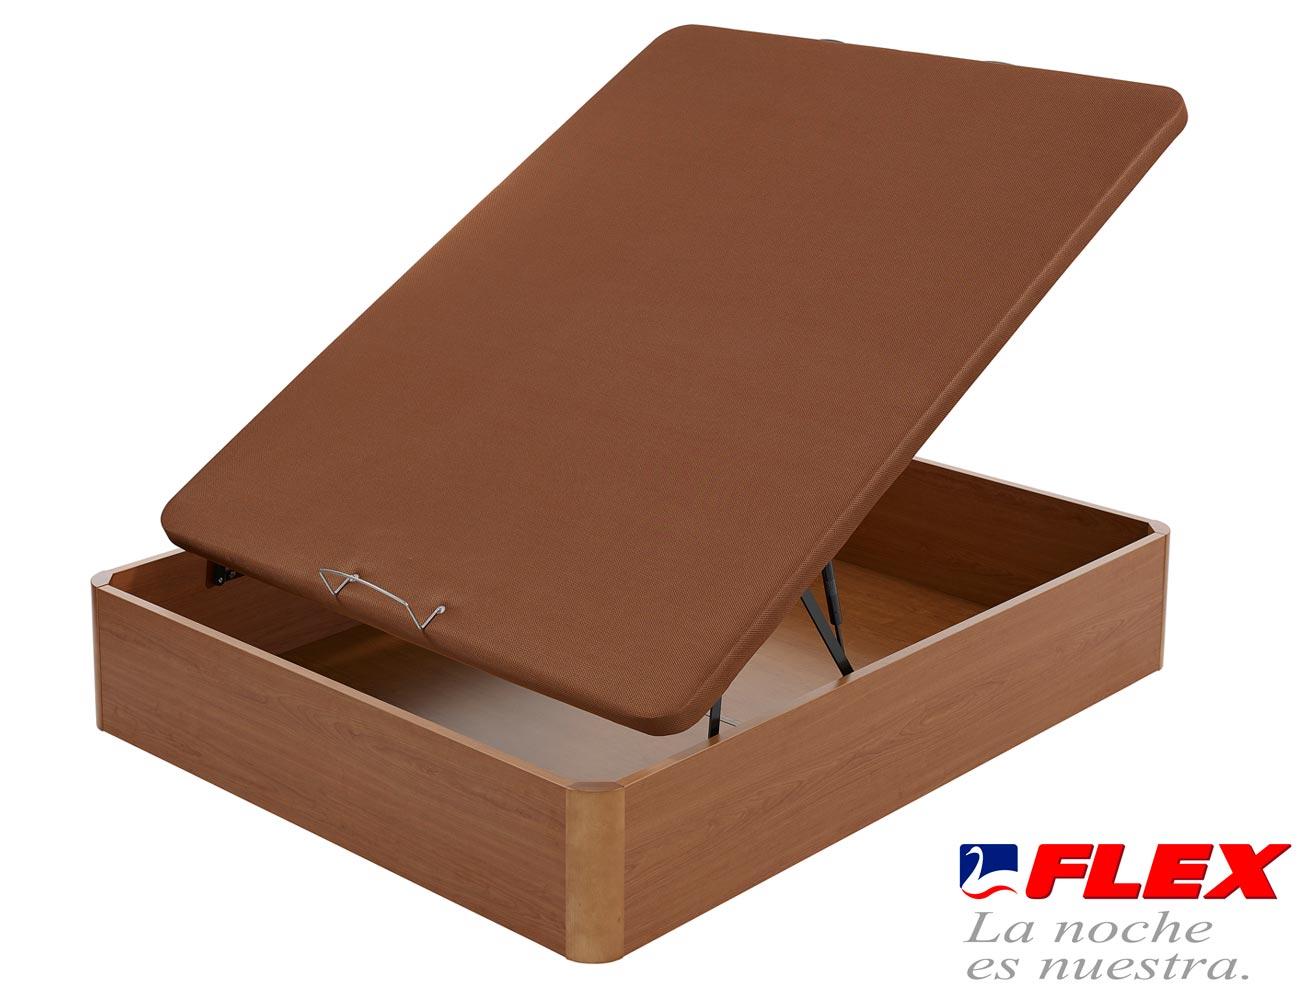 Canape flex madera abatible tapa3d 8316